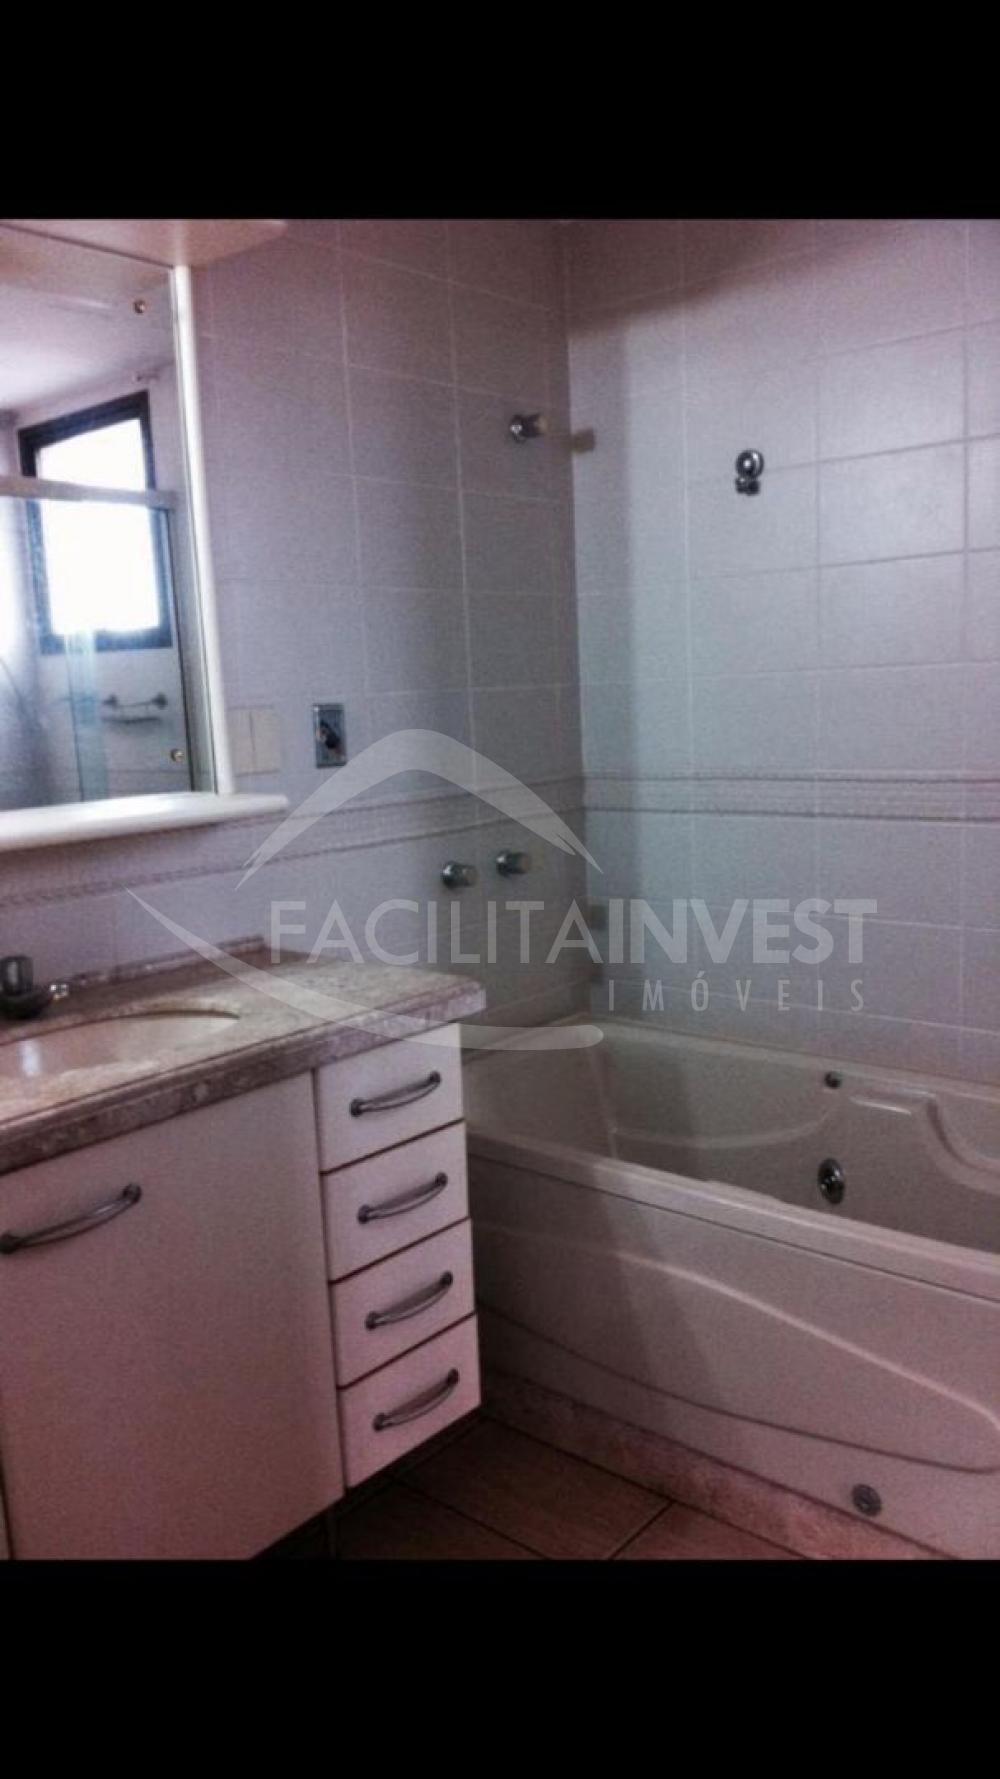 Alugar Apartamentos / Apart. Padrão em Ribeirão Preto R$ 2.200,00 - Foto 13